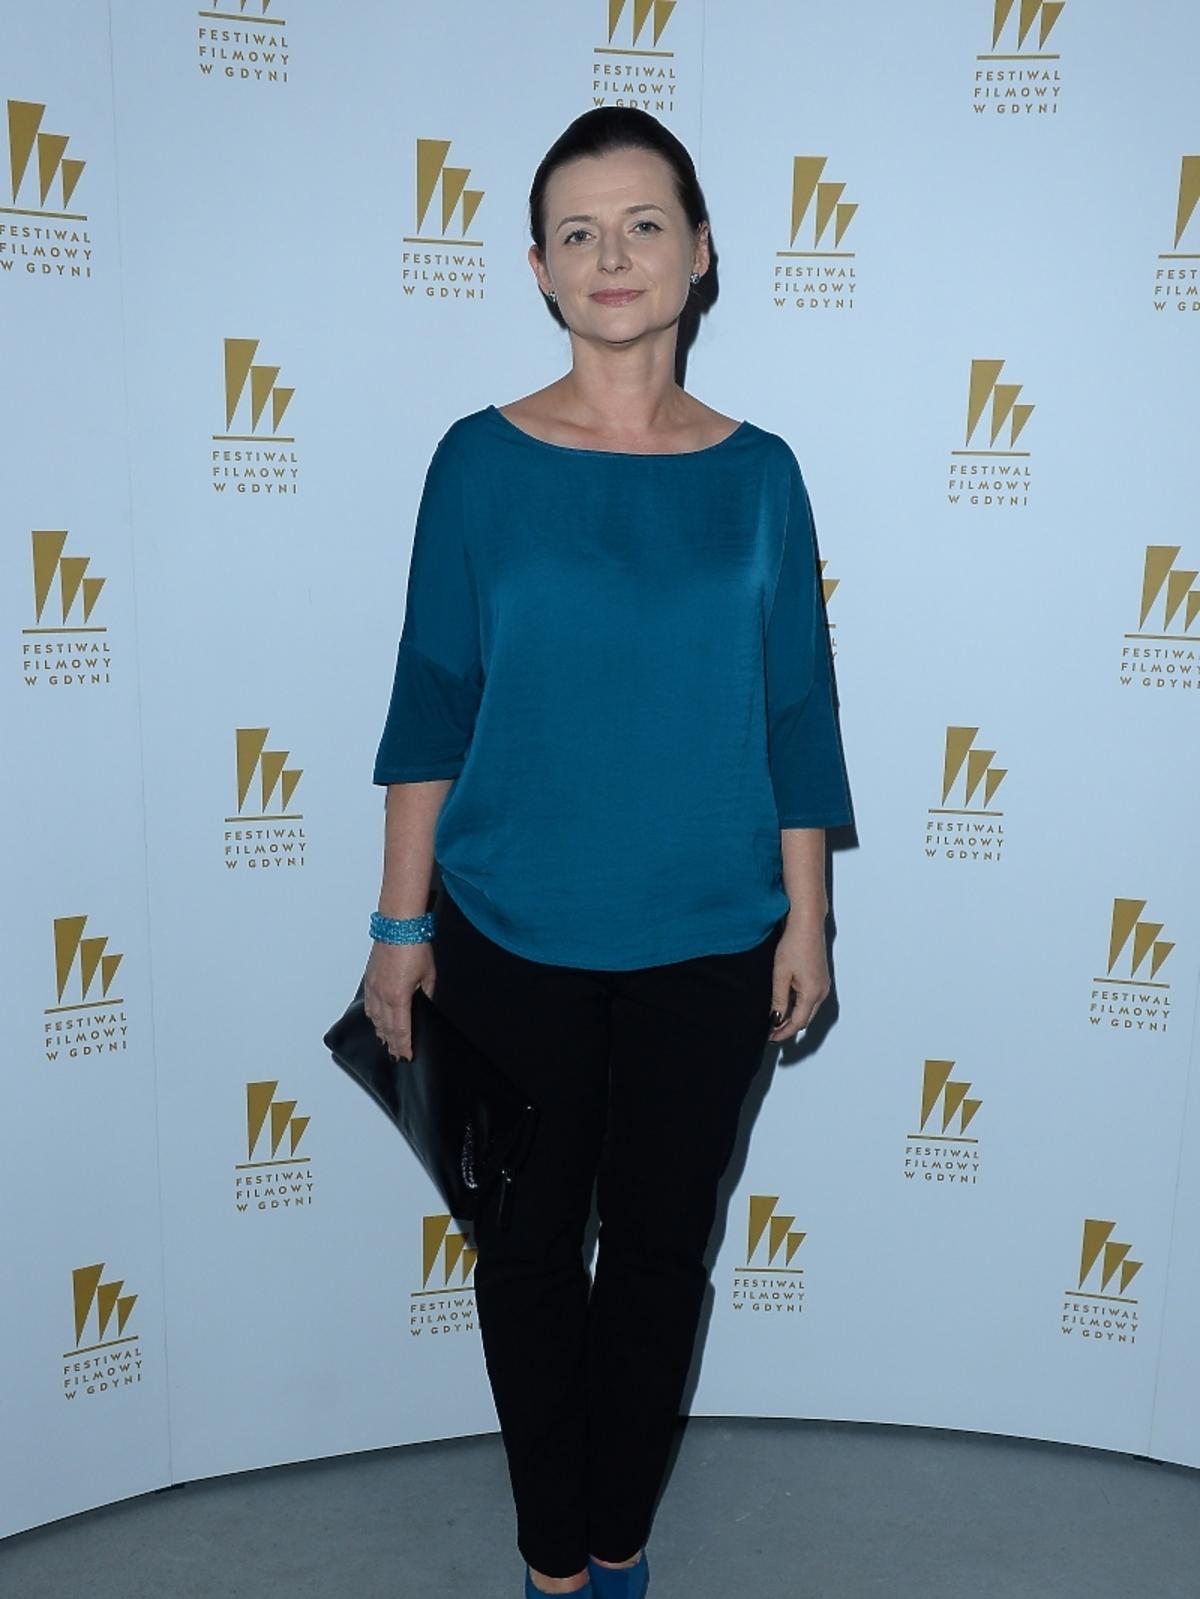 Jowita Budnik na 39 Festiwalu Filmowym w Gdyni 2014